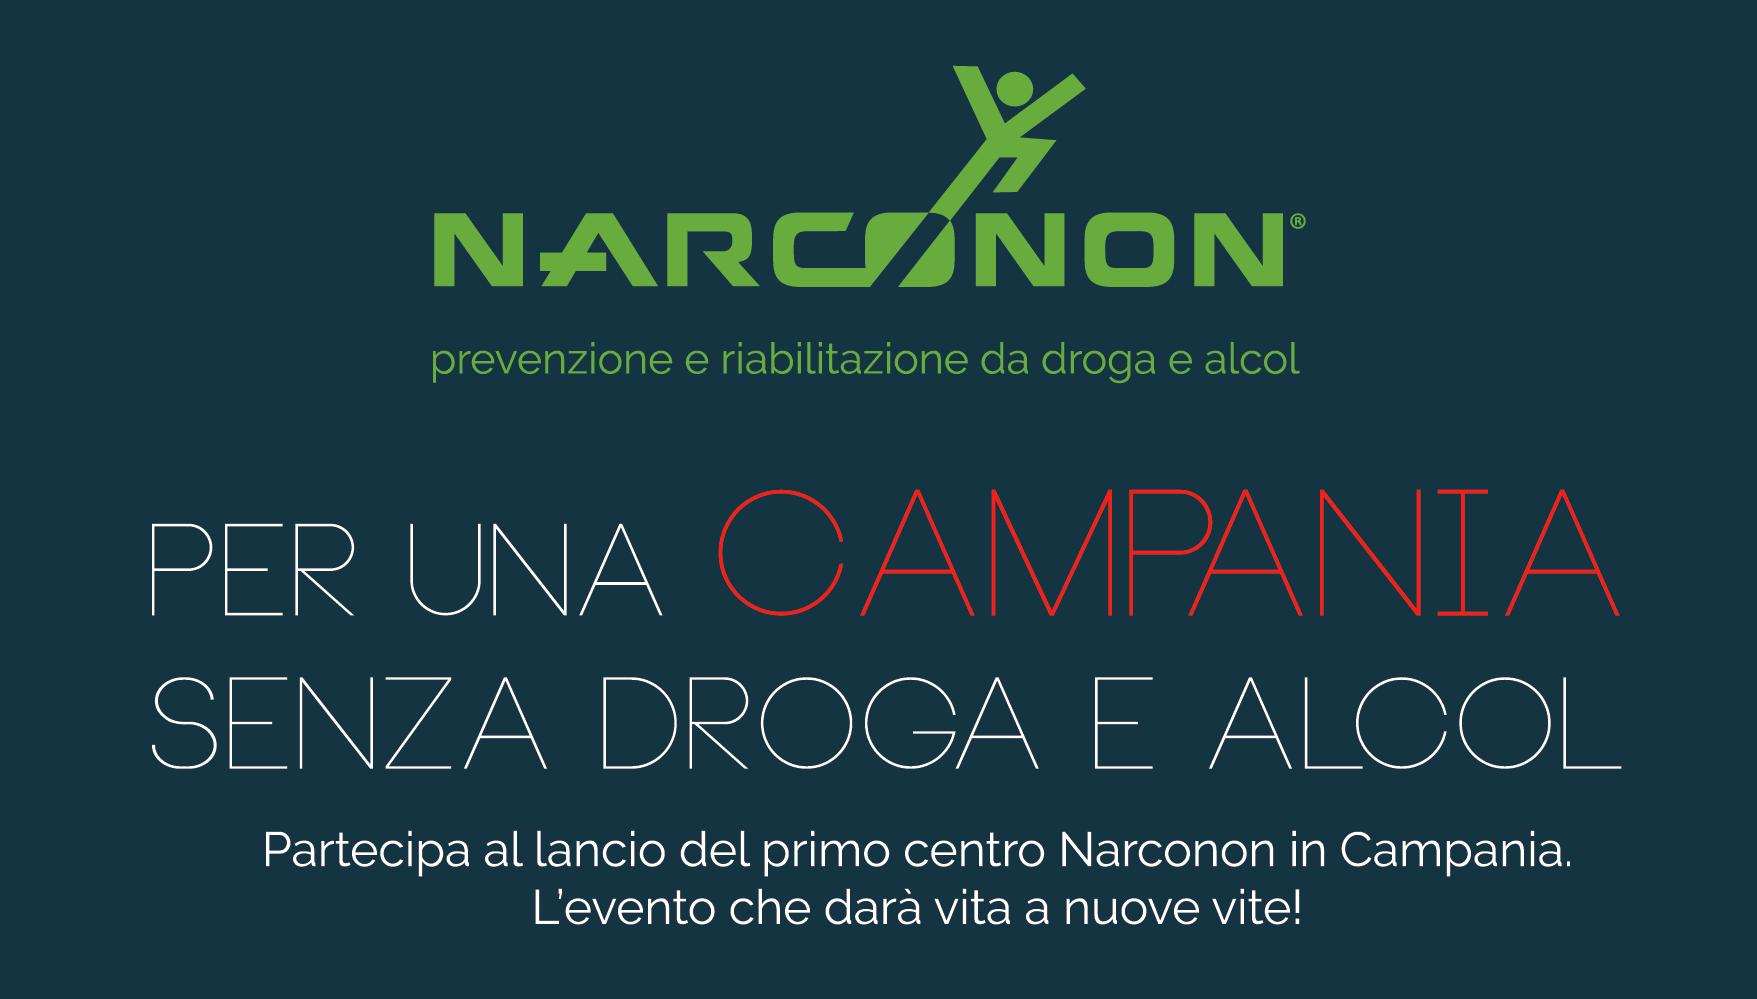 Centro Narconon - riabilitazione da droghe e alcol